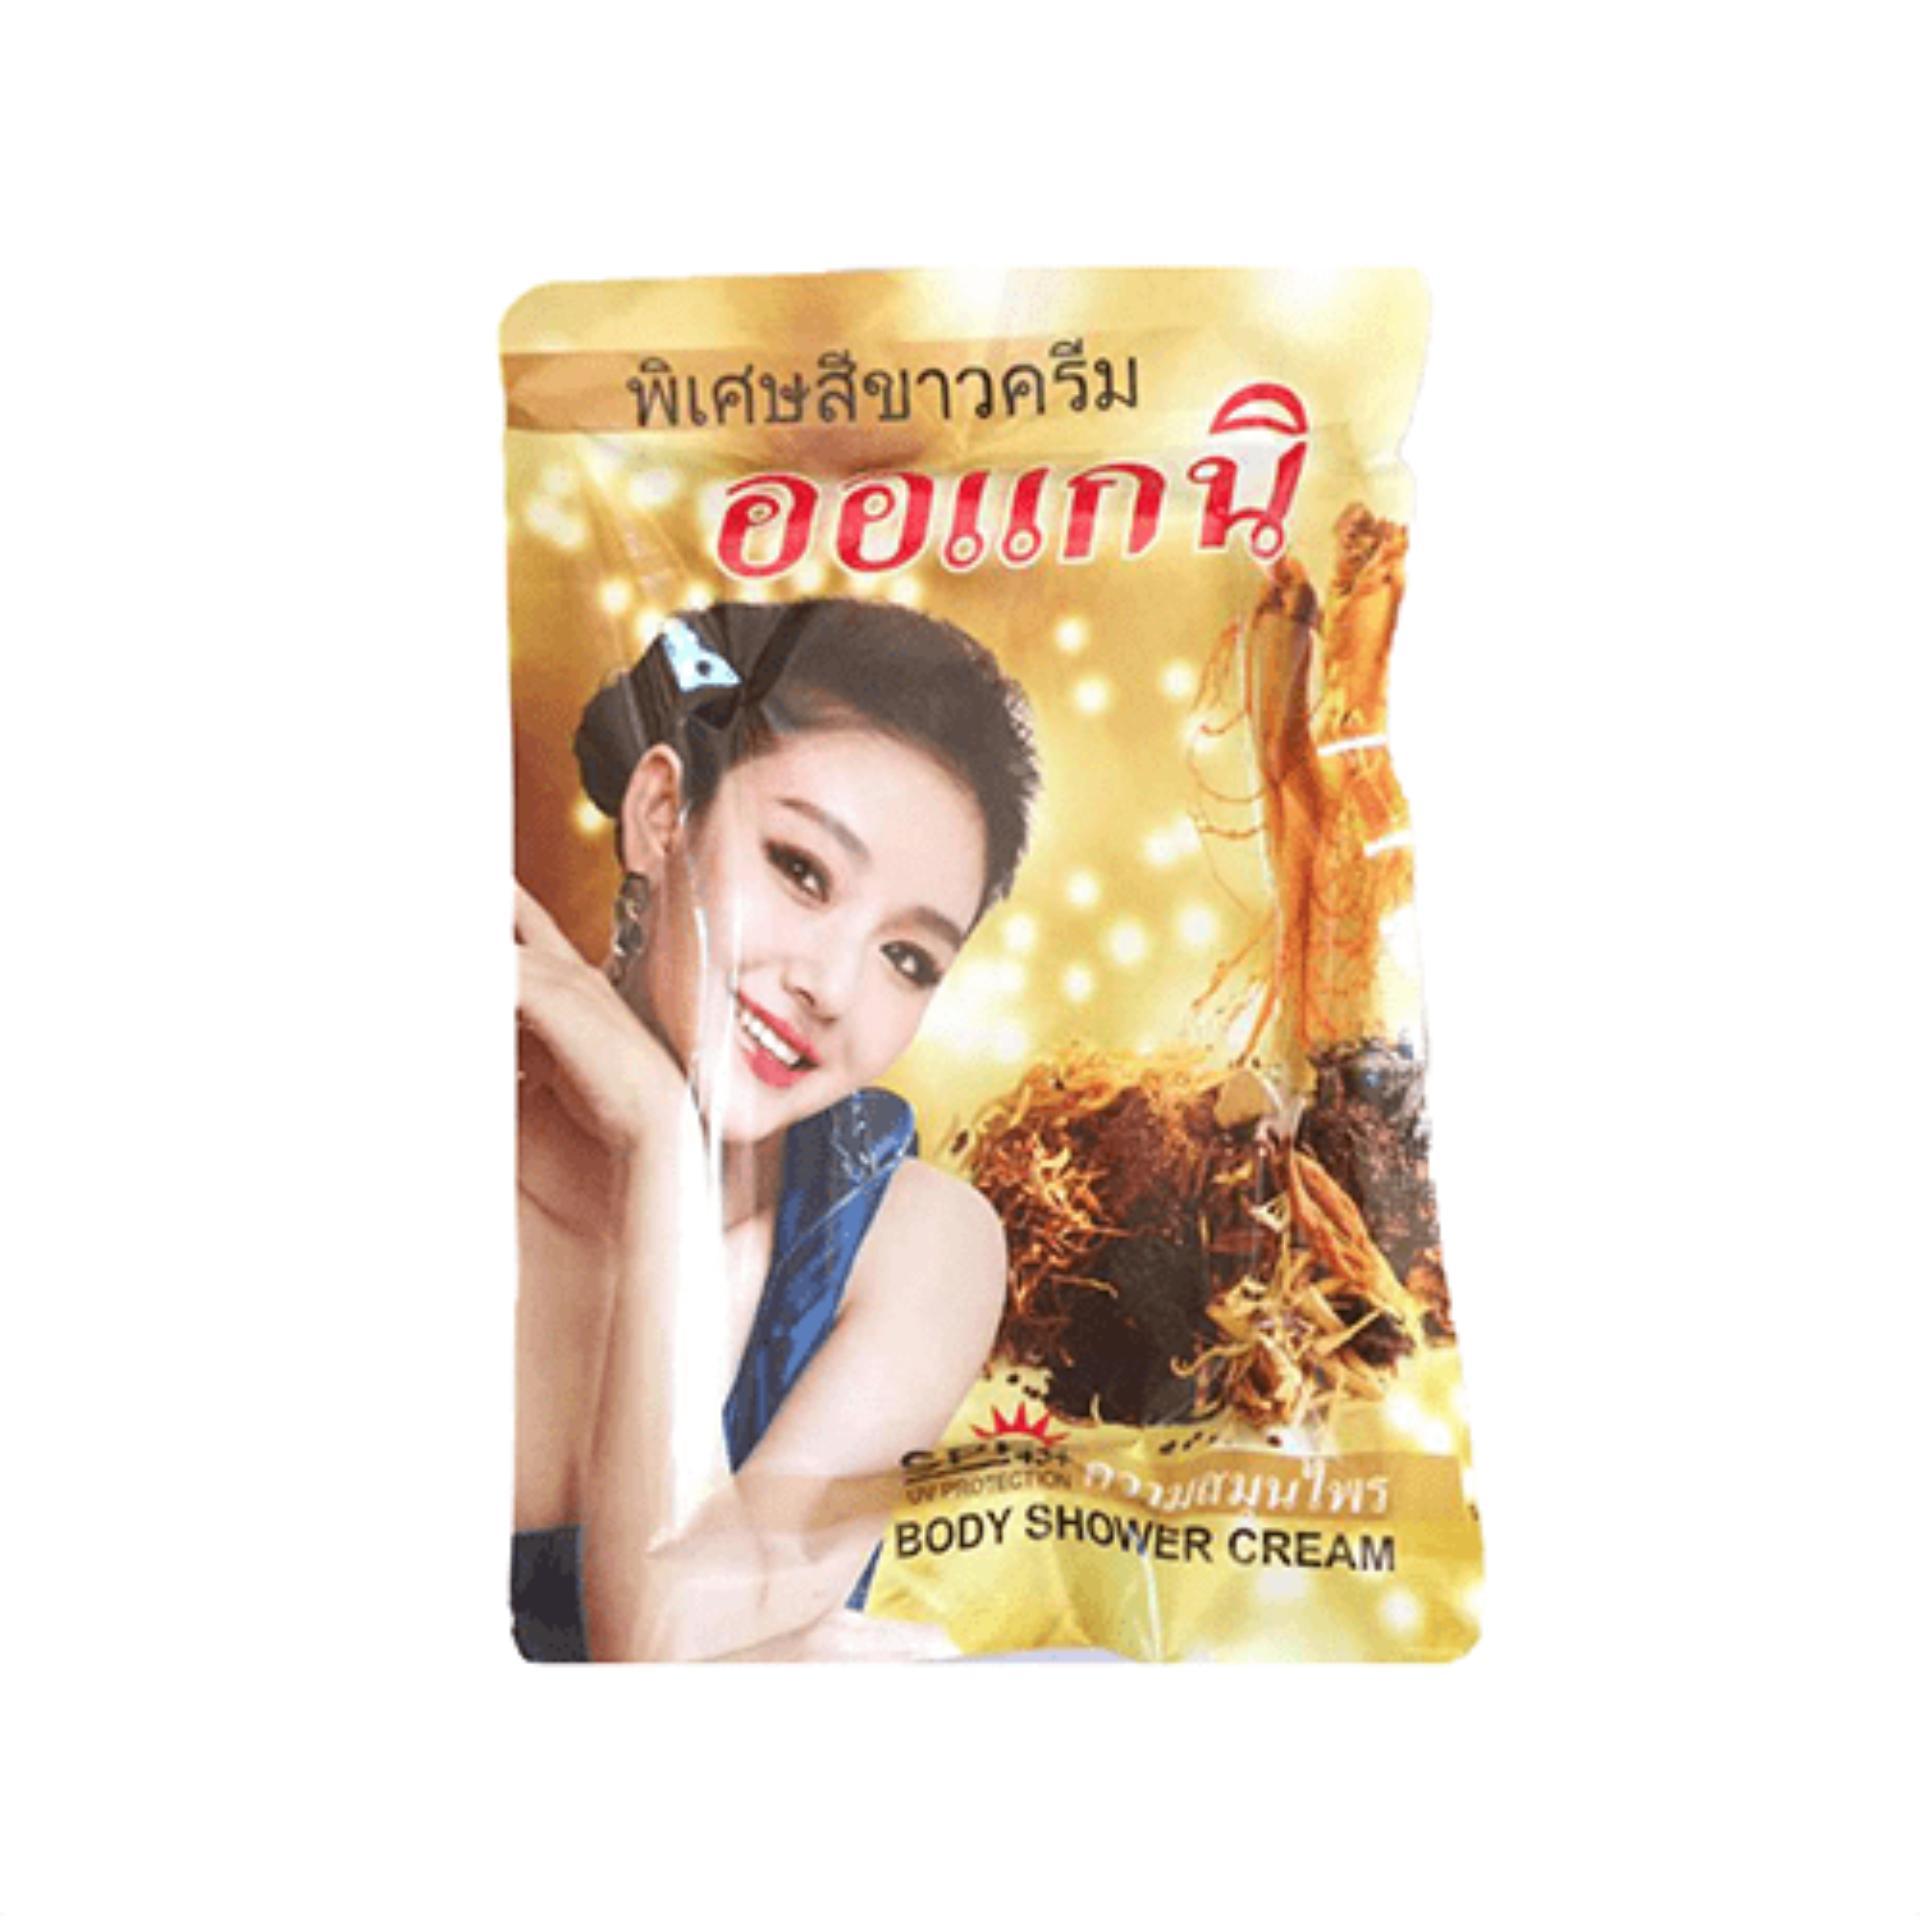 Hình ảnh Tắm Khô Thailand - Trắng Nhanh, Siêu Mịn, Hiệu Quả, Nhân Sâm Thảo Dược